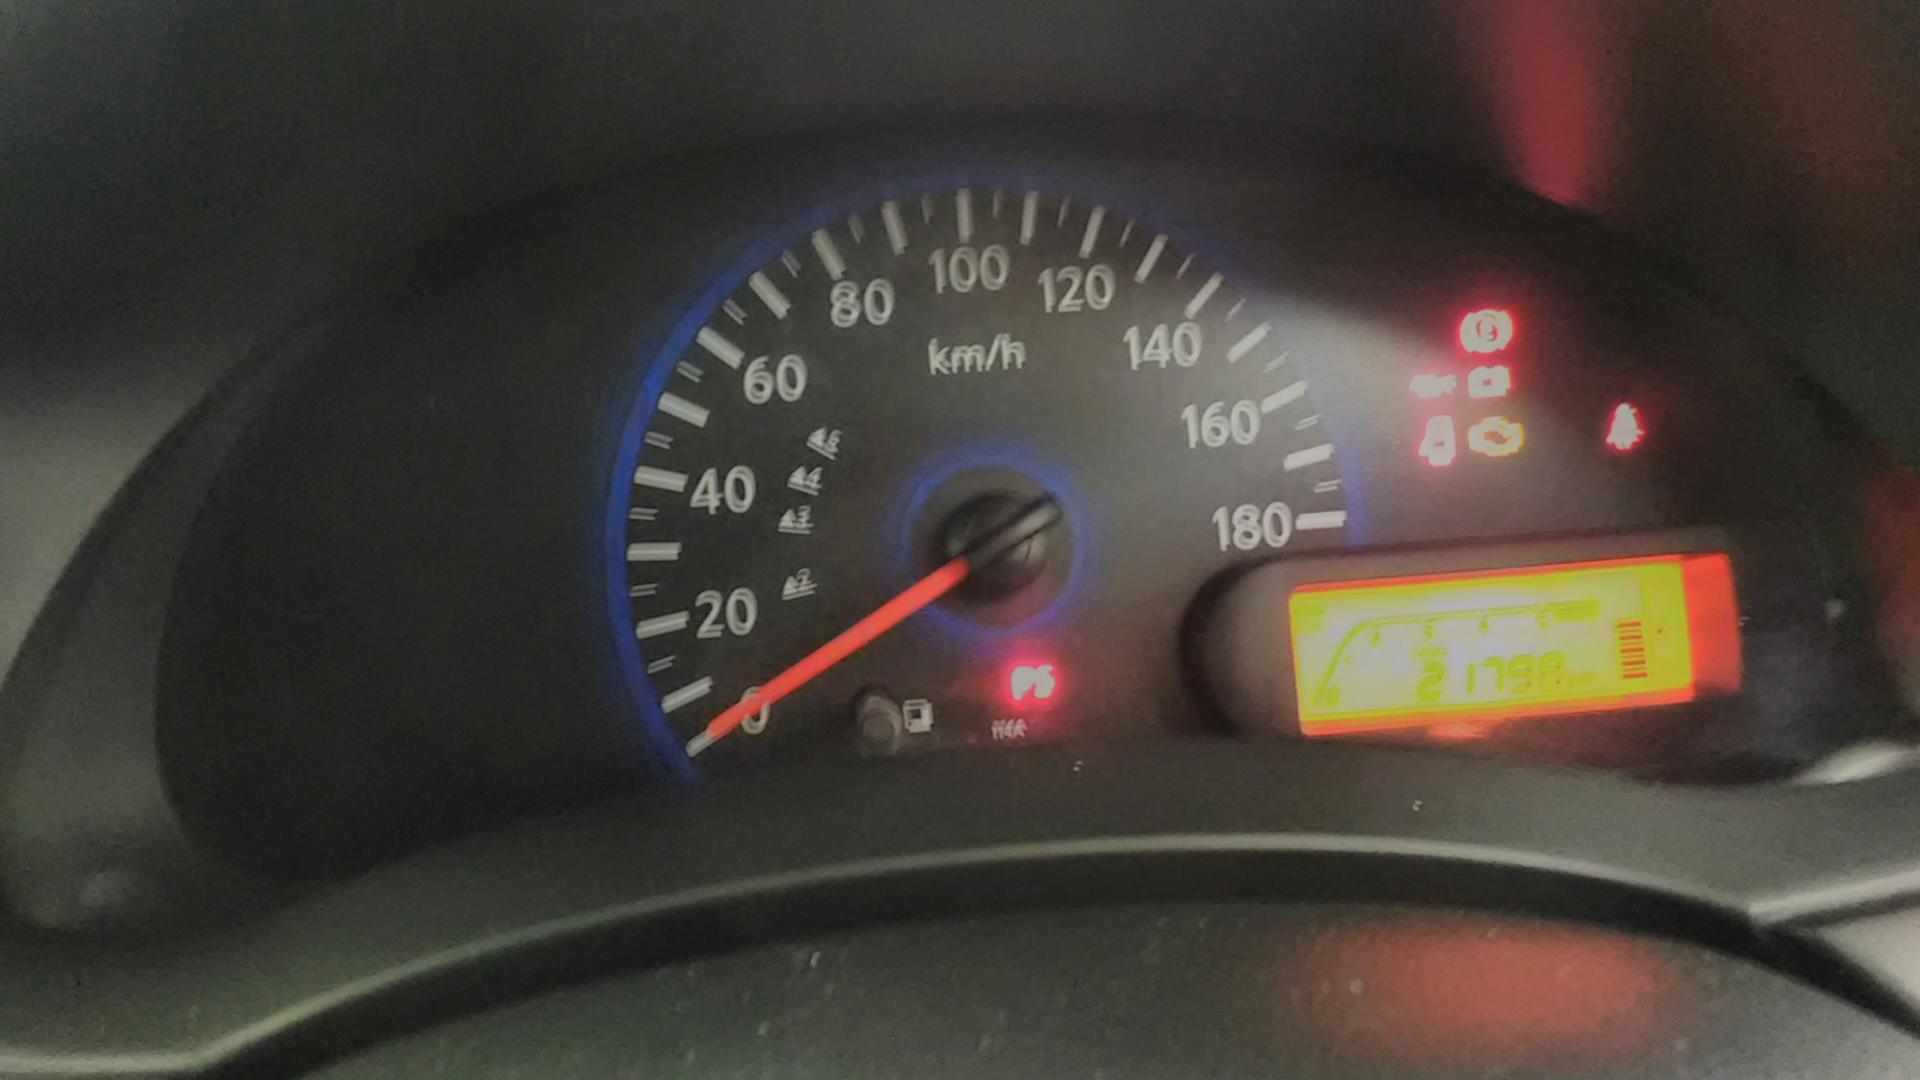 DATSUN 1.2 MID Durban 13324716